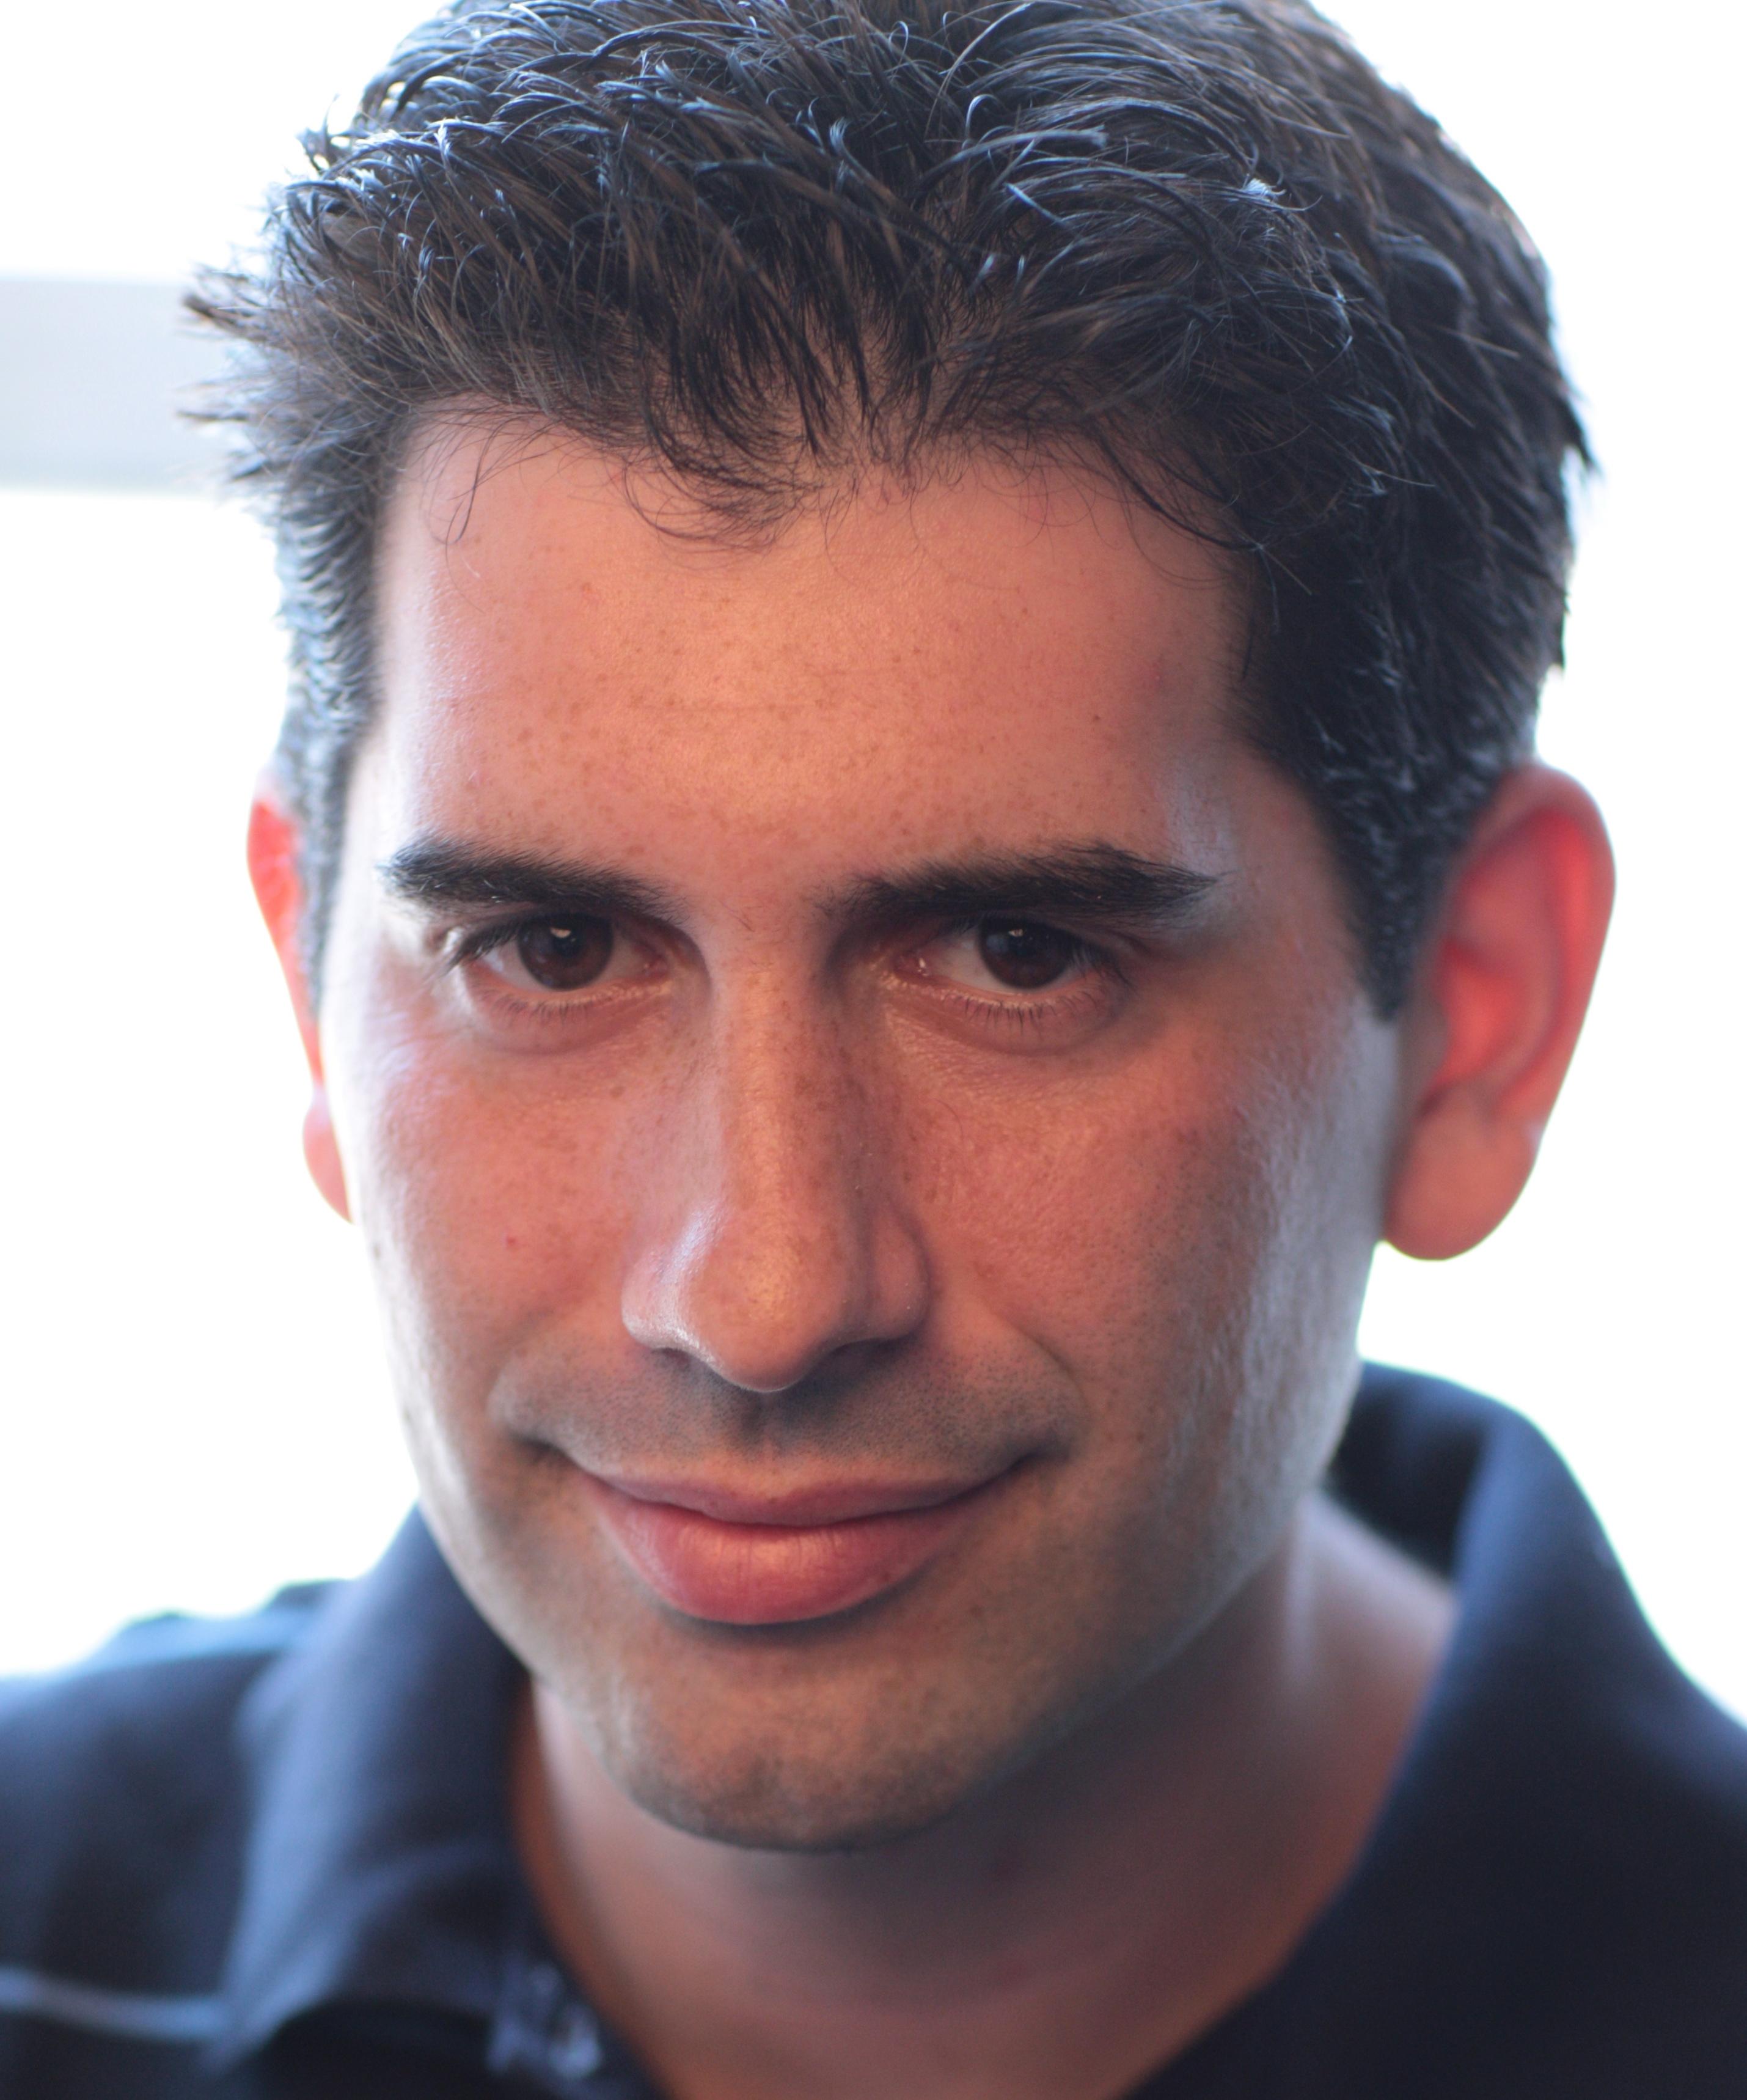 Eriq Gardner